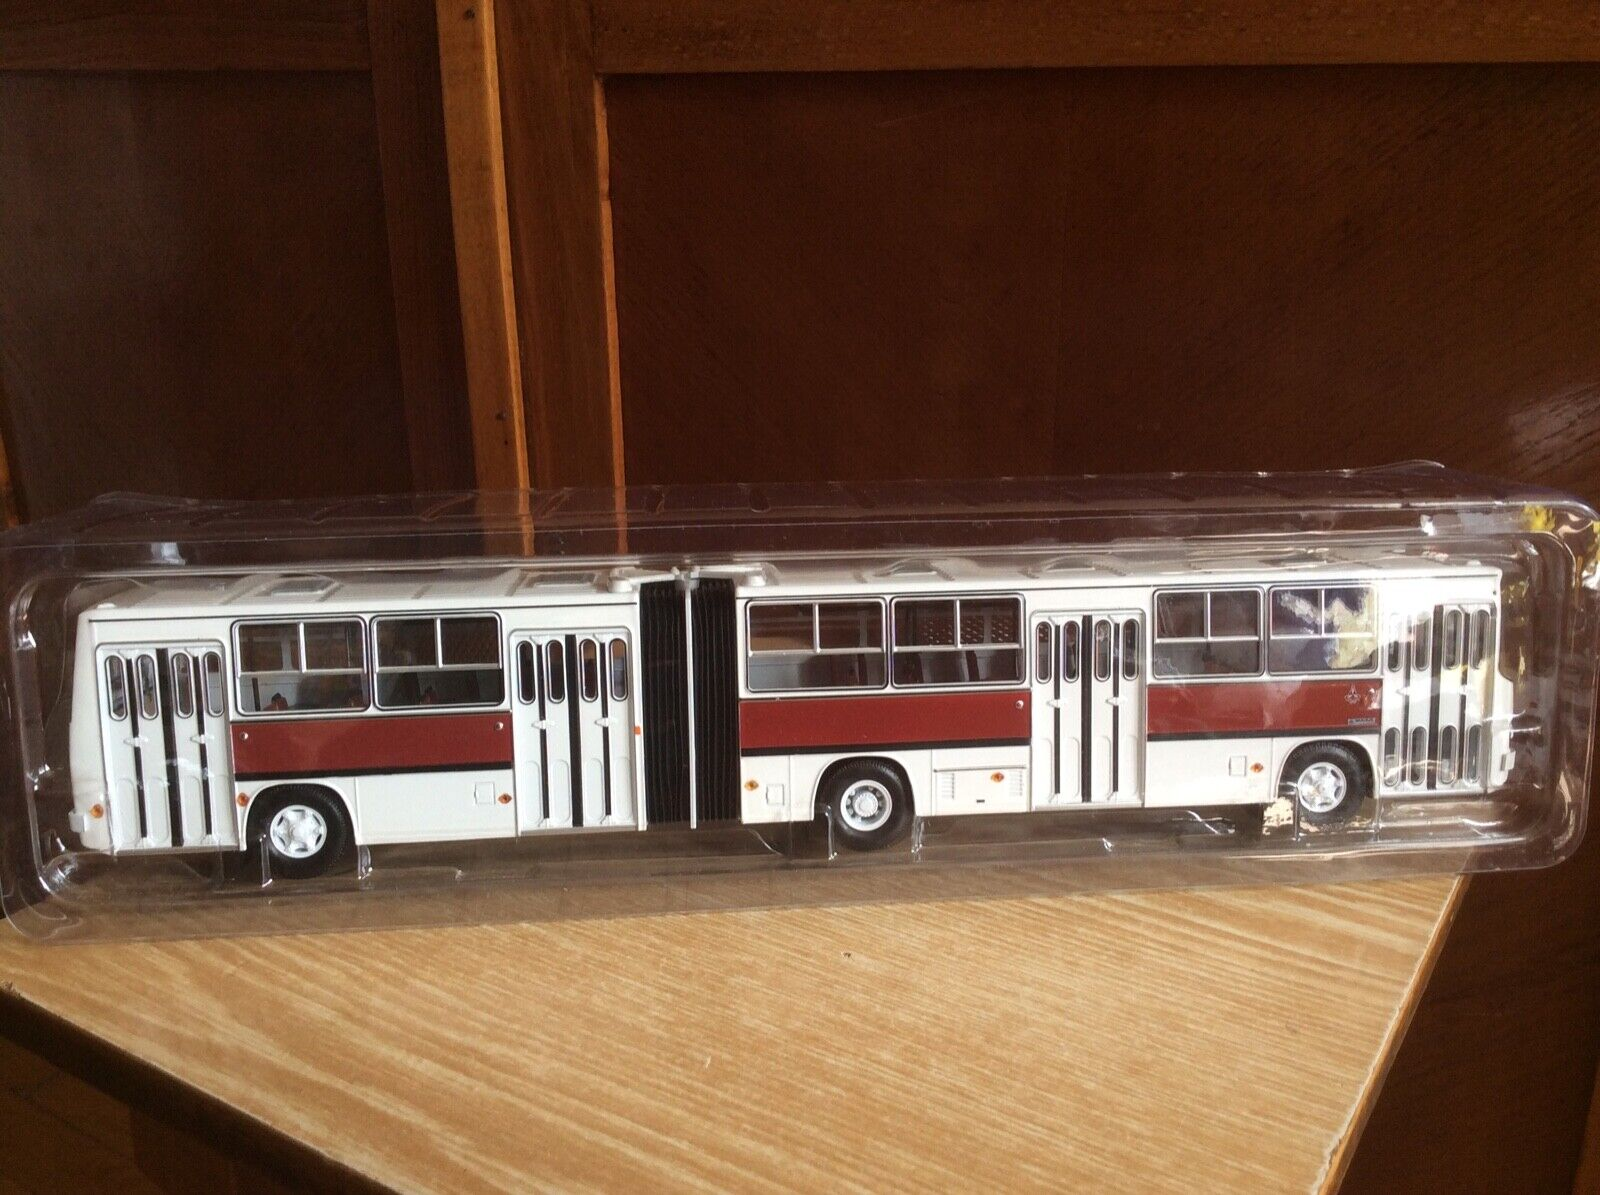 acquisti online Ikarus-280.33 Hungarian Hungarian Hungarian autobus 1 43 USSR auto modellolo retro Rare classeic autobus  nuova esclusiva di fascia alta